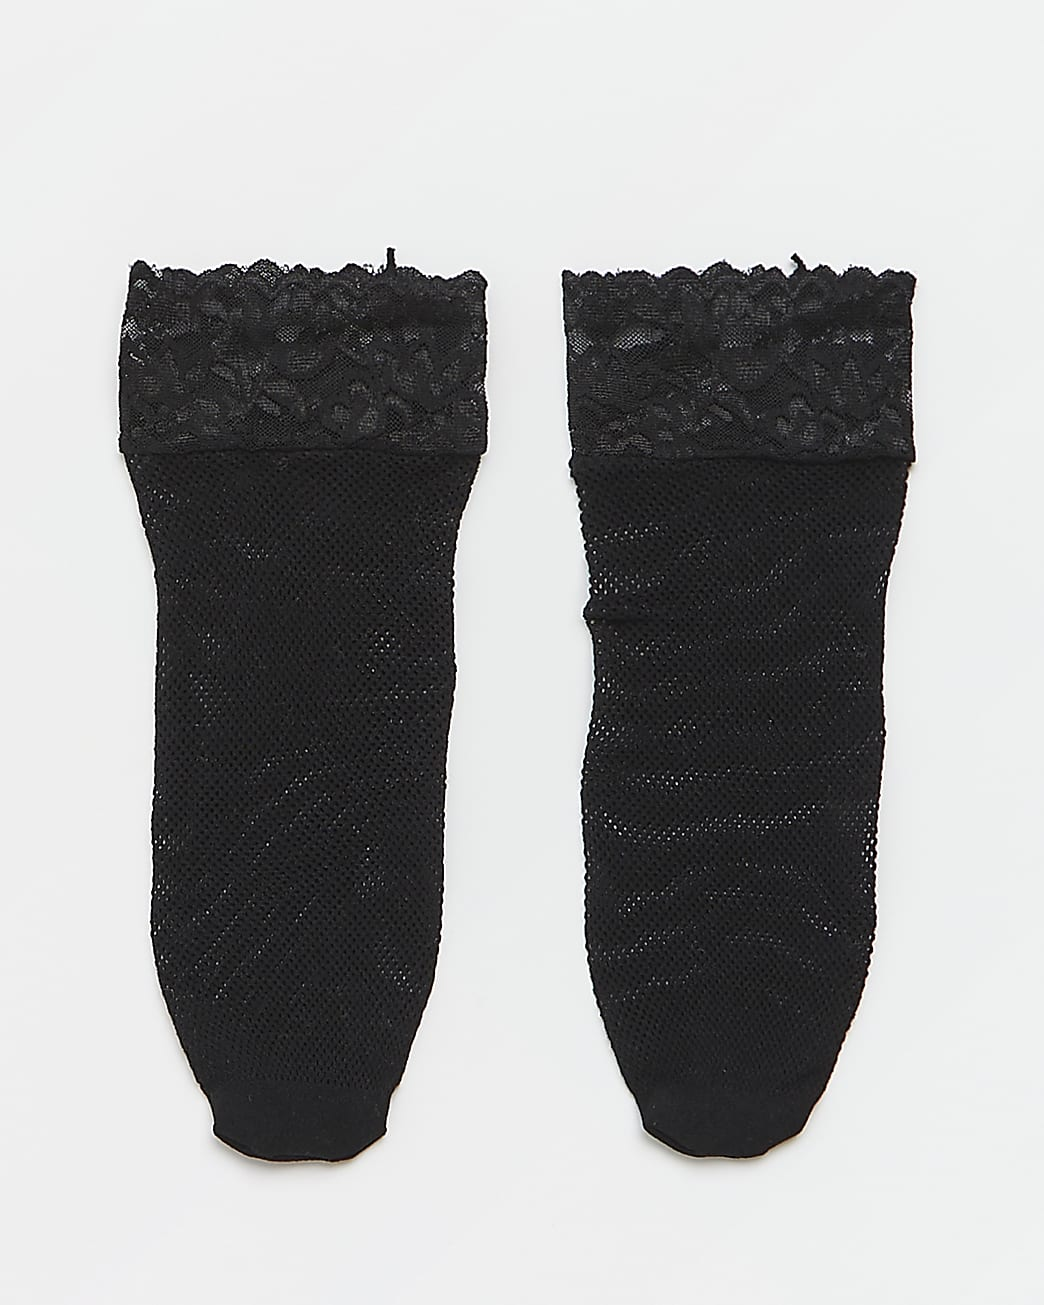 Black lace fishnet socks